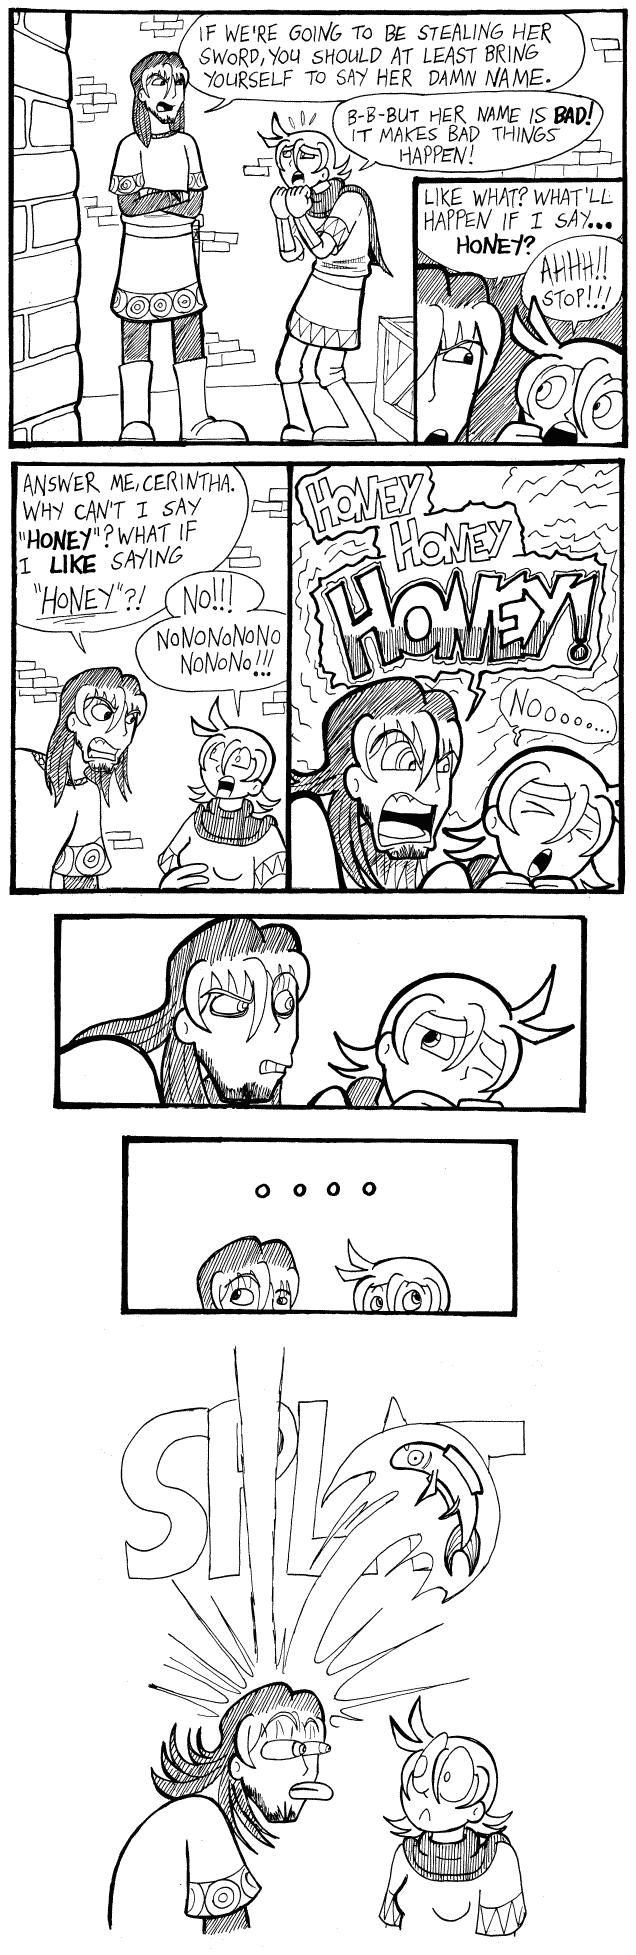 (#358) Splat